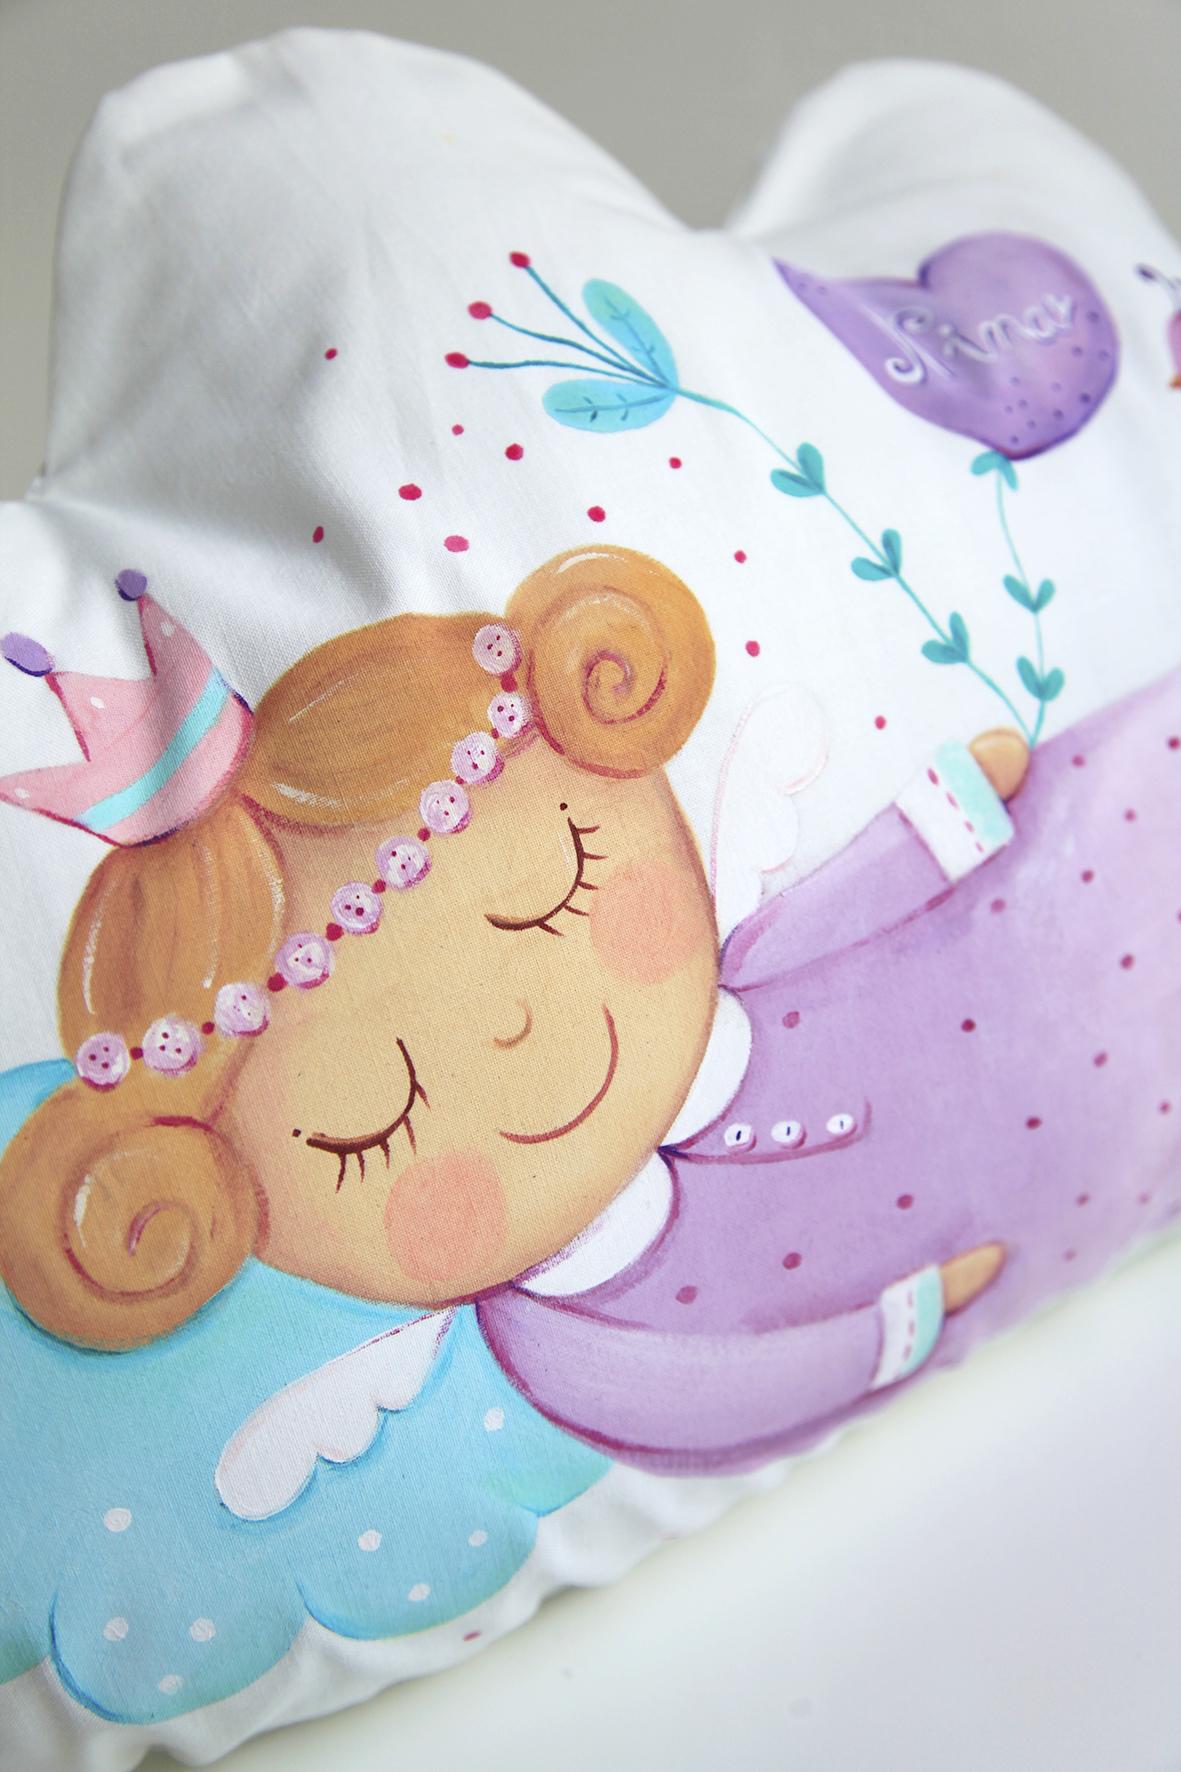 Nina_pillow_7.jpg